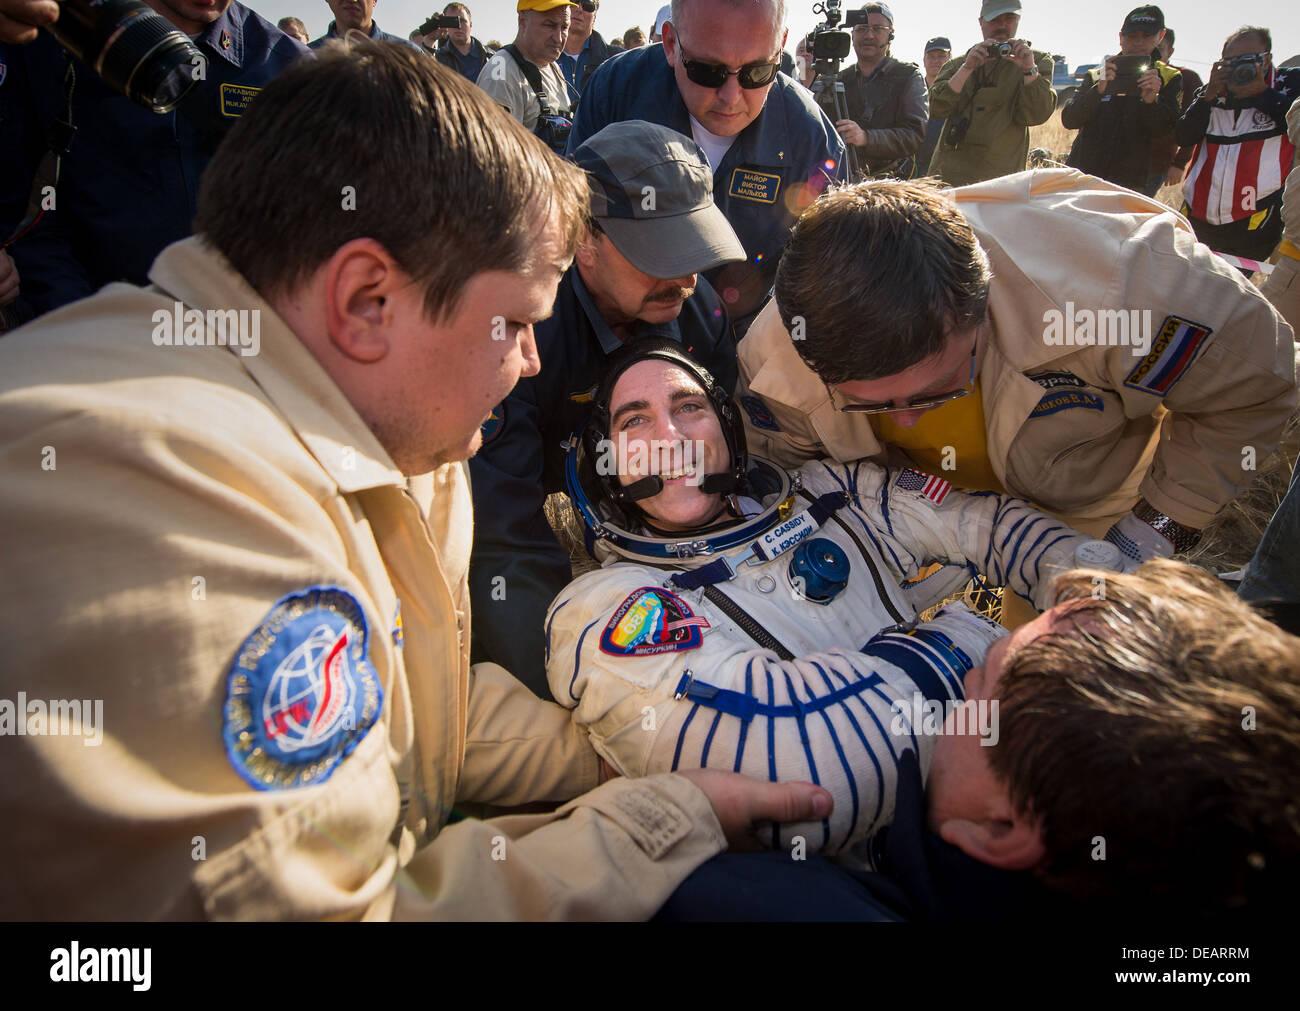 La NASA Expedition 36 astronauta Chris Cassidy è portato al medico tenda poco dopo lo sbarco in una Soyuz TMA-08M capsula in una zona remota 11 Settembre 2013 vicino alla città di Zhezkazgan, Kazakistan. Vinogradov, Misurkin e Cassidy è tornato a terra dopo cinque mesi e mezzo sulla Stazione spaziale internazionale. Immagini Stock